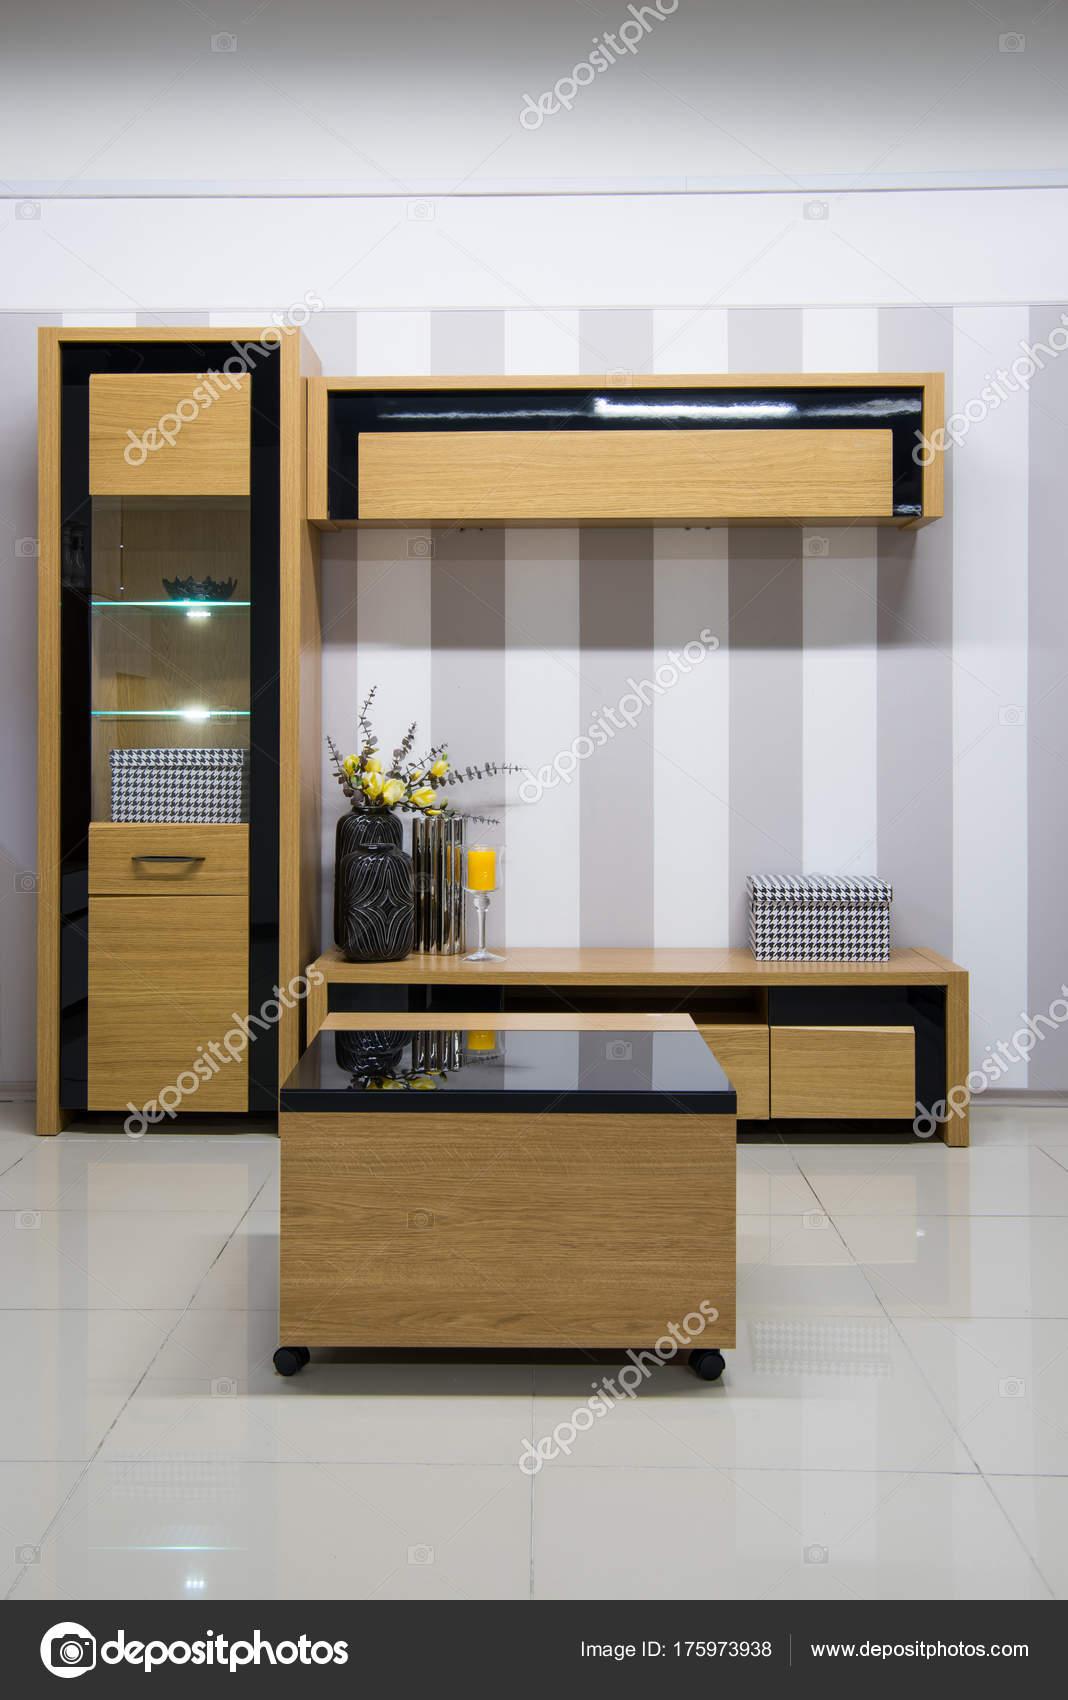 Moderne Wohnzimmer Interieur Mit Schrank Und Regale — Stockfoto ...